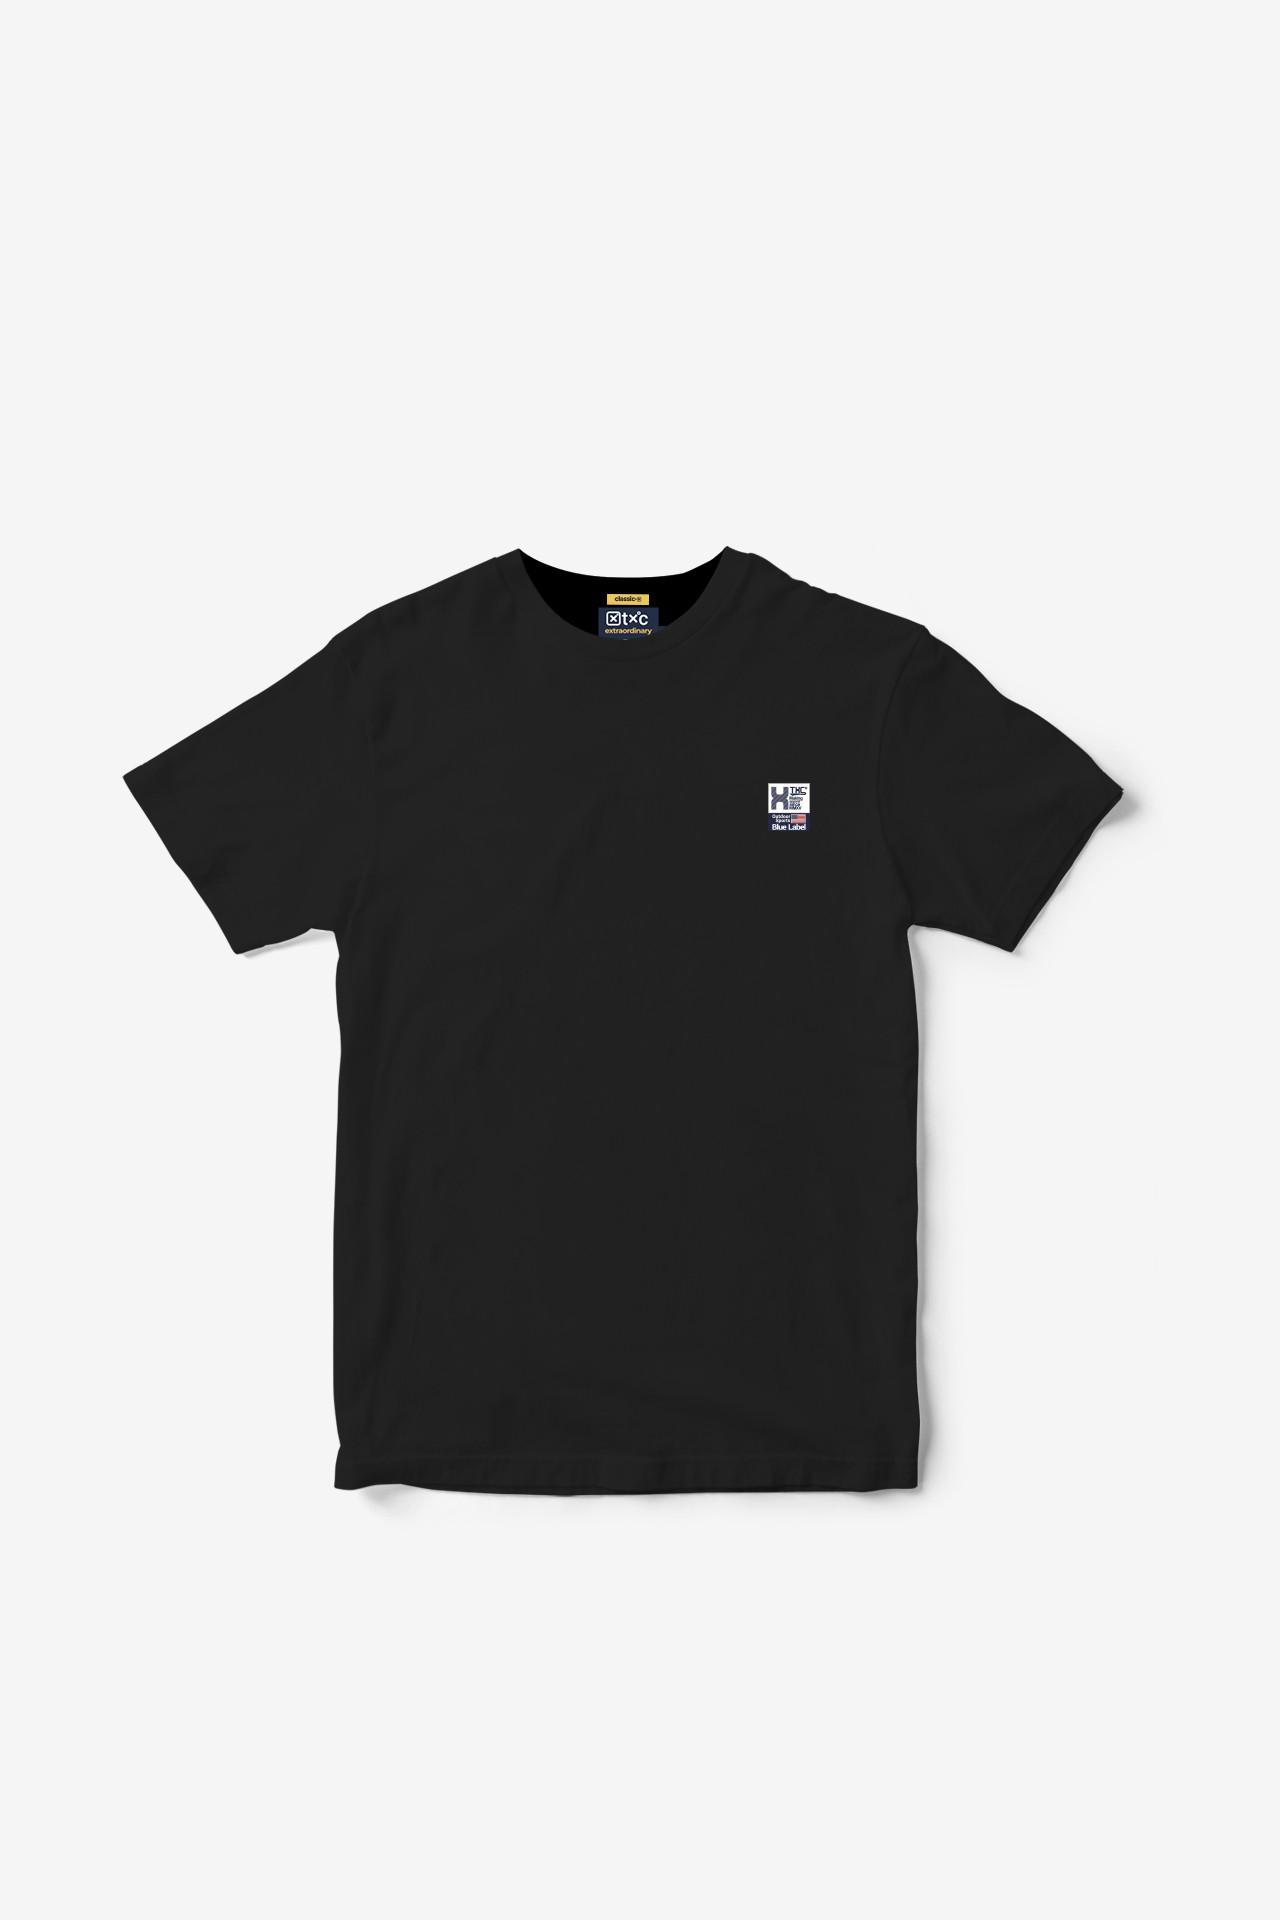 Camiseta TXC Brand 19106